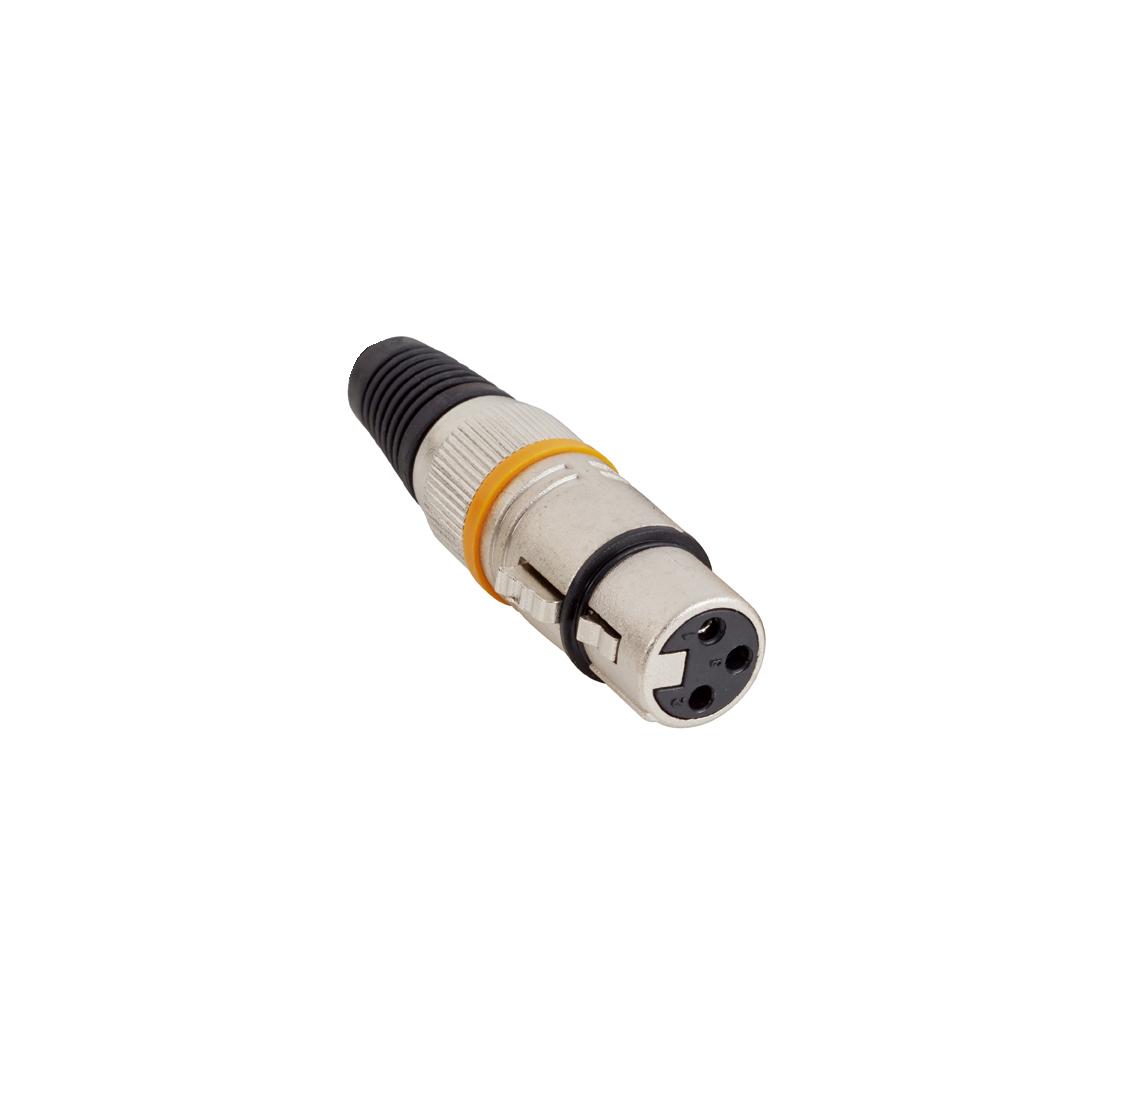 CABO P/MICROFONE XLR 9M WARWICK ROCKCABLE RCL30359 D6